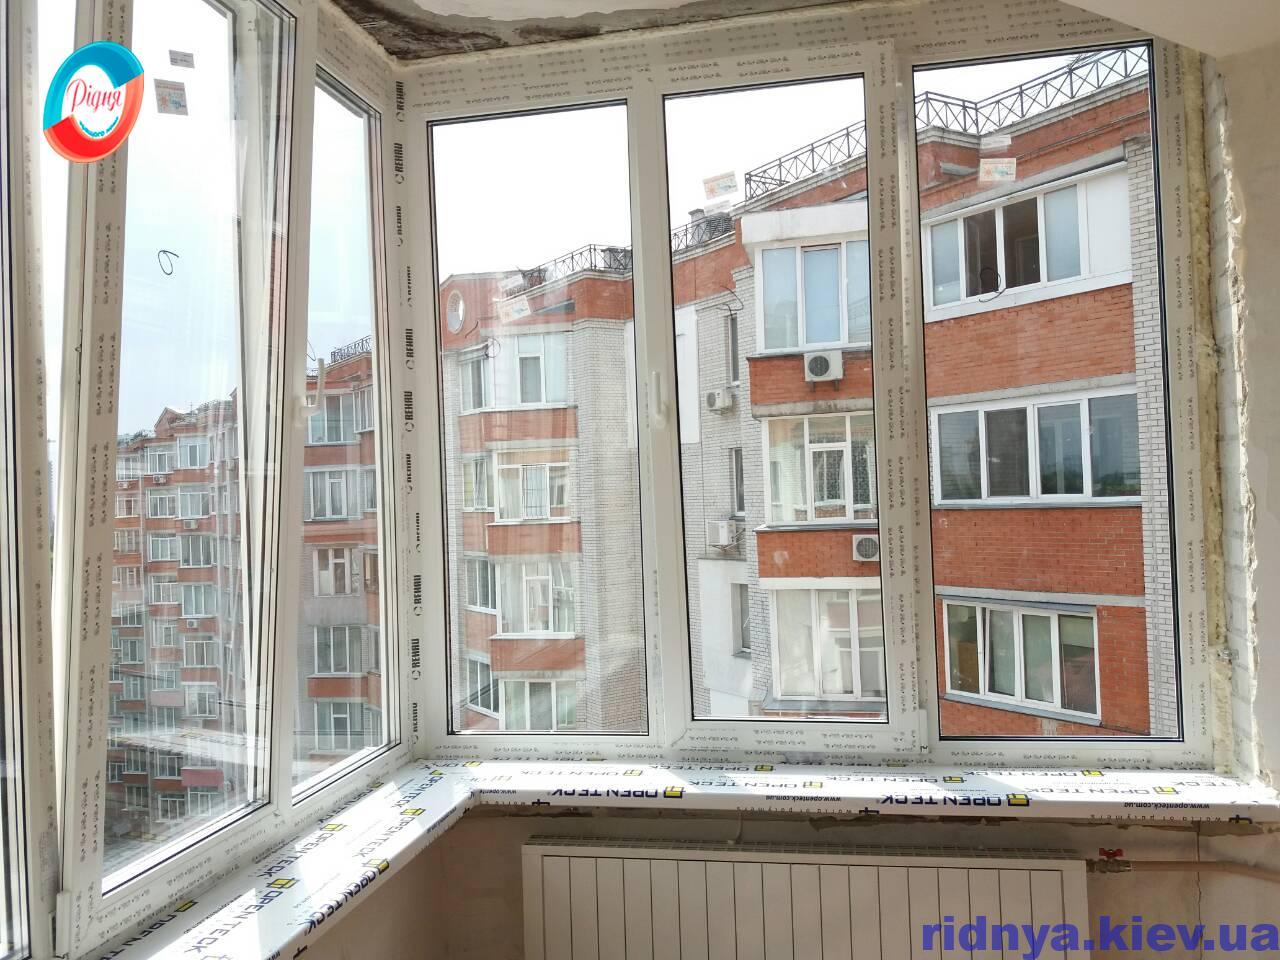 Металлопластиковые окна Киев от компании риДня